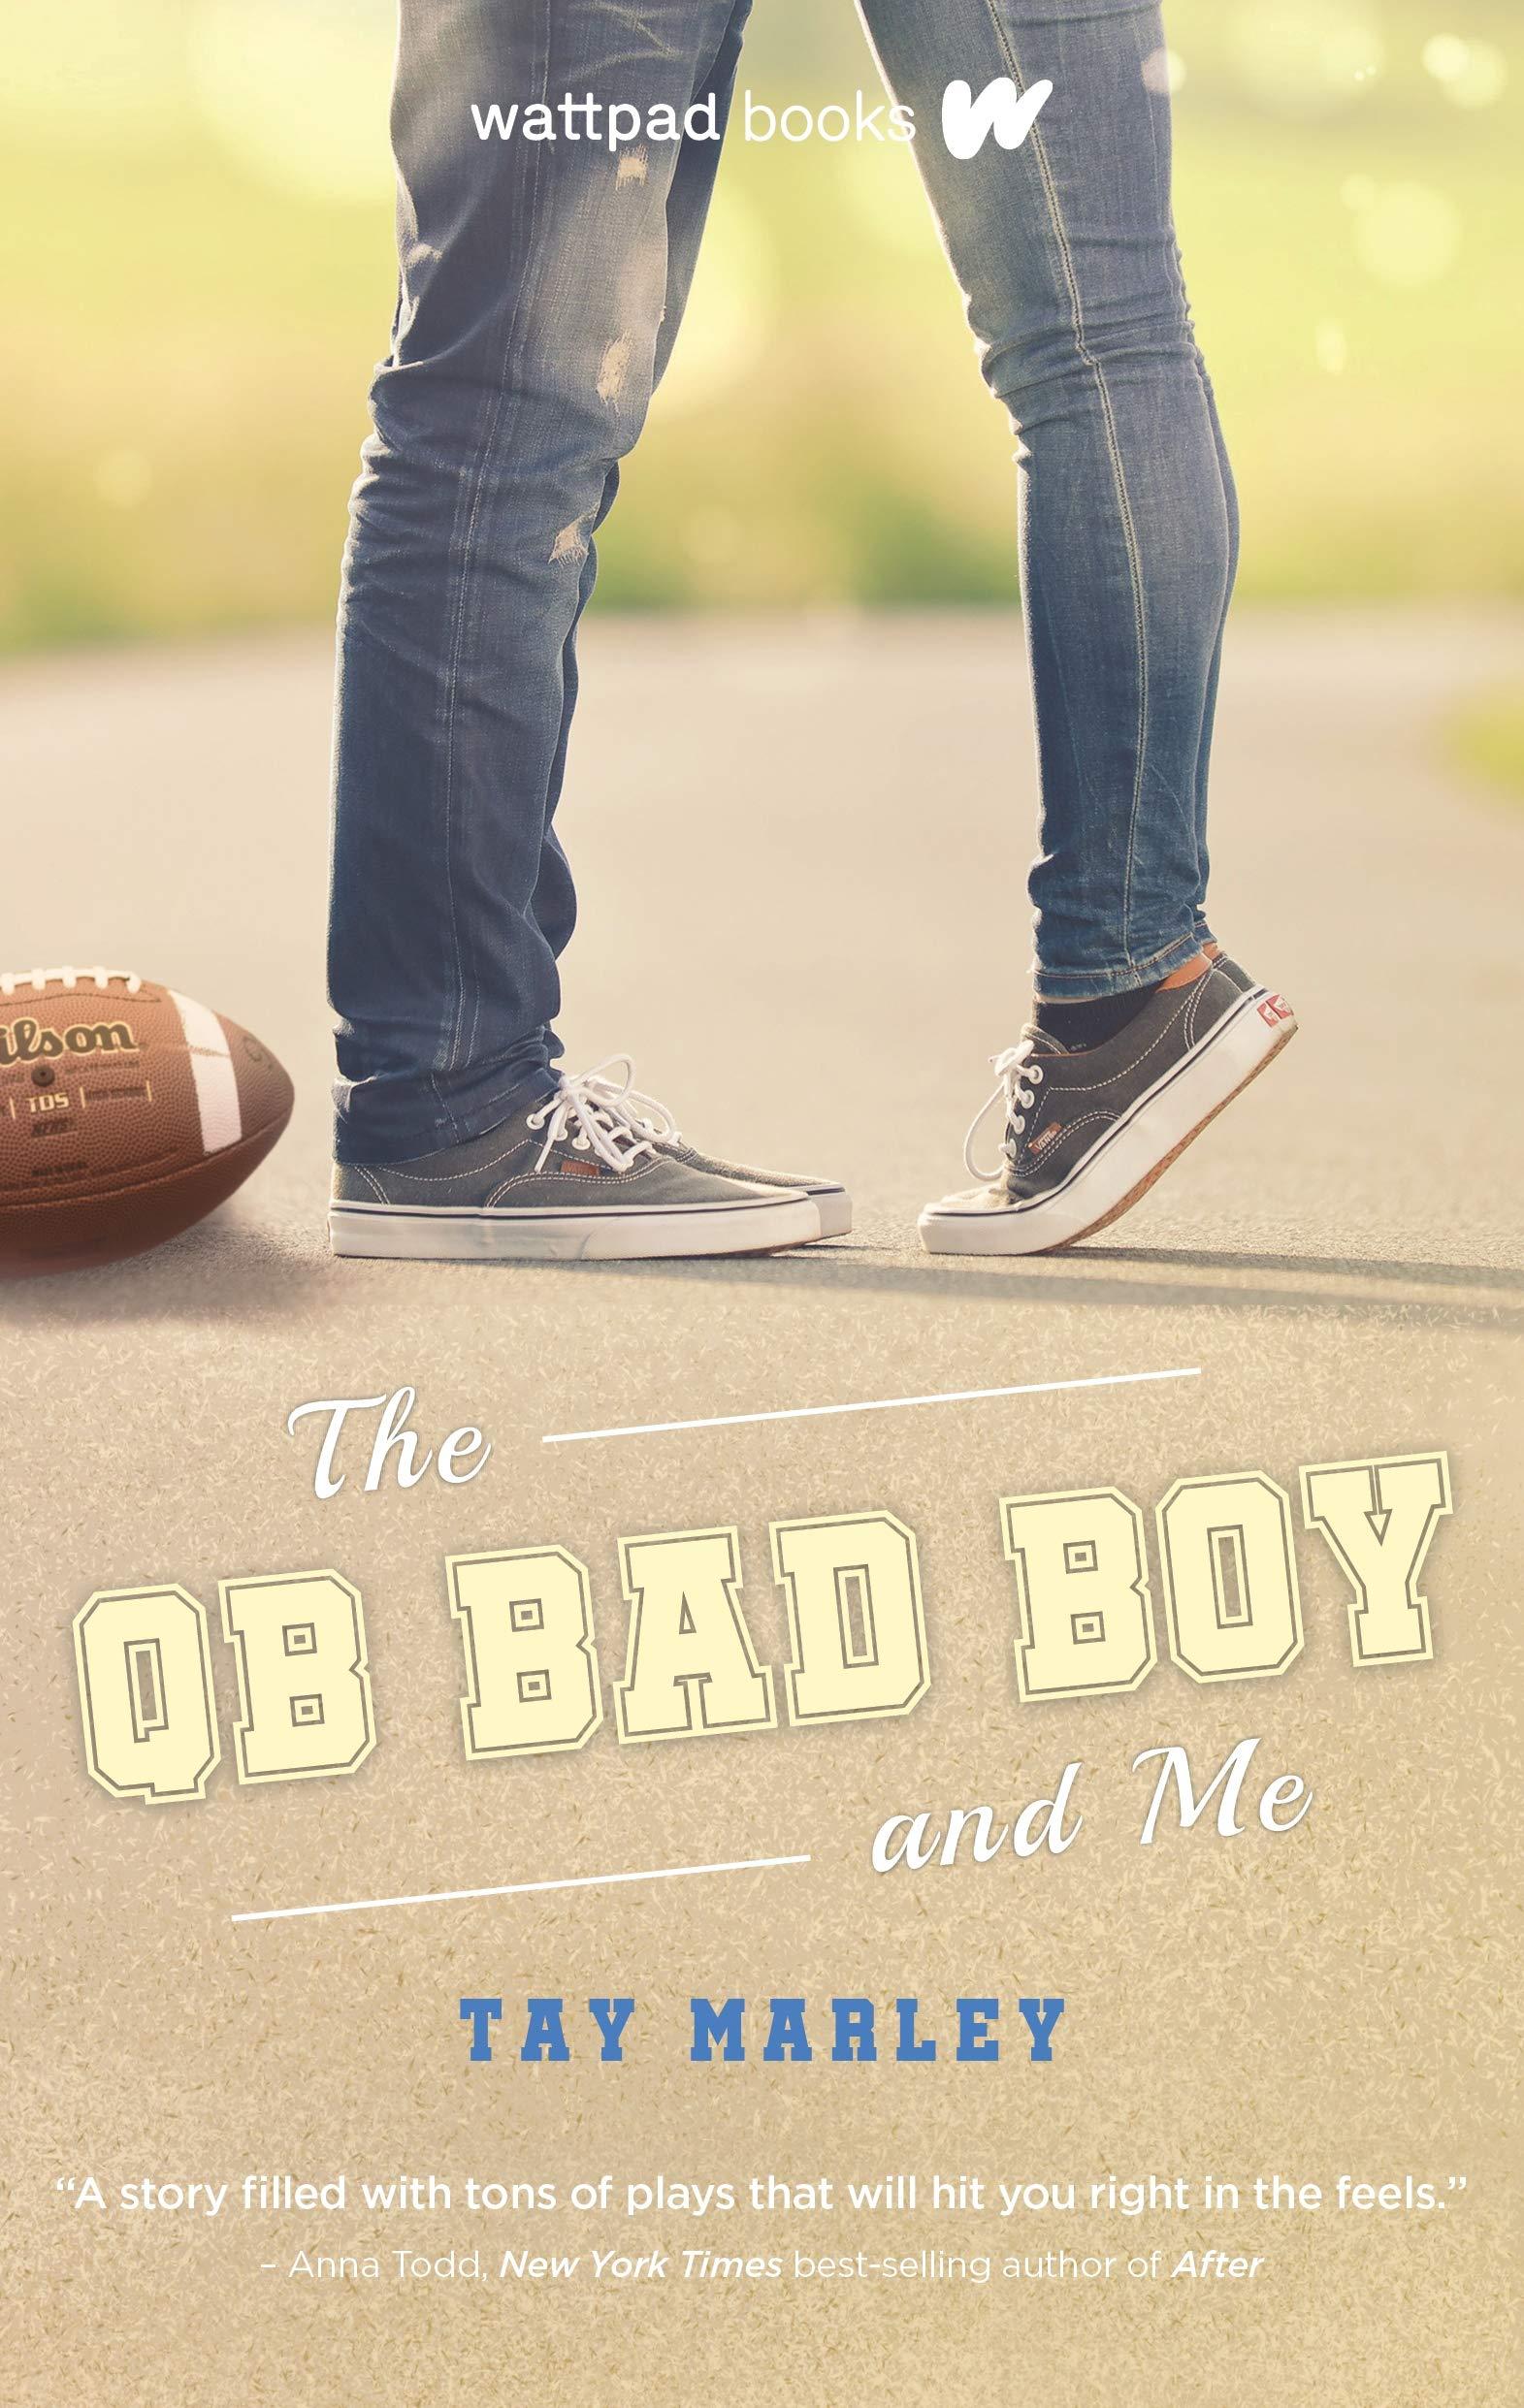 The Qb Bad Boy and Me: Amazon.es: Marley, Tay: Libros en ...